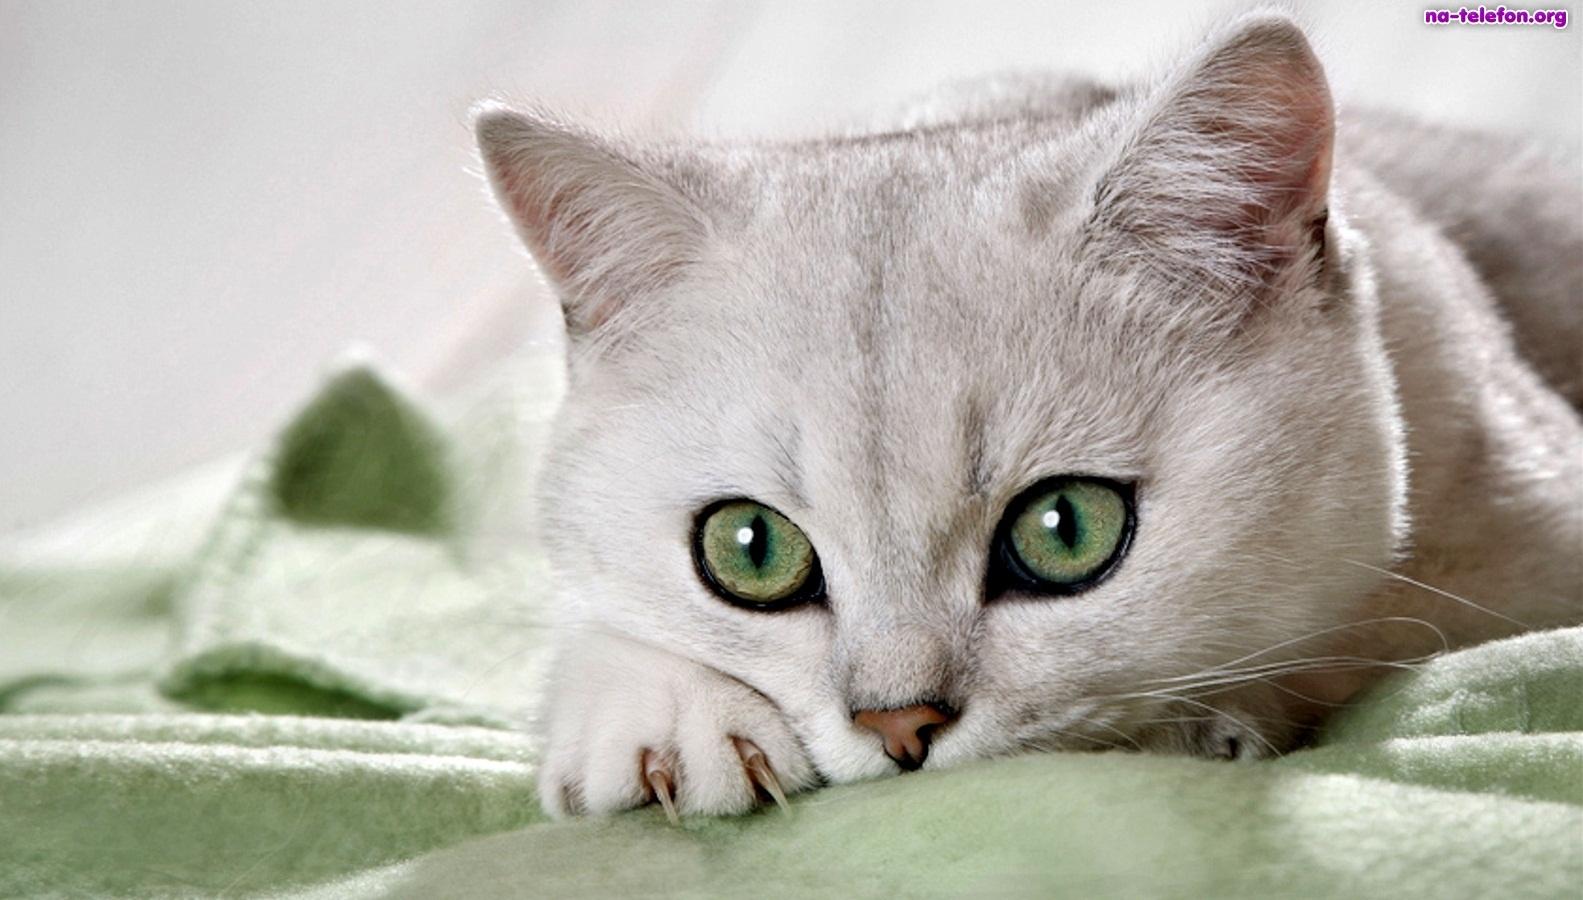 Praca marzeń: Poszukują ludzi do głaskania kotów